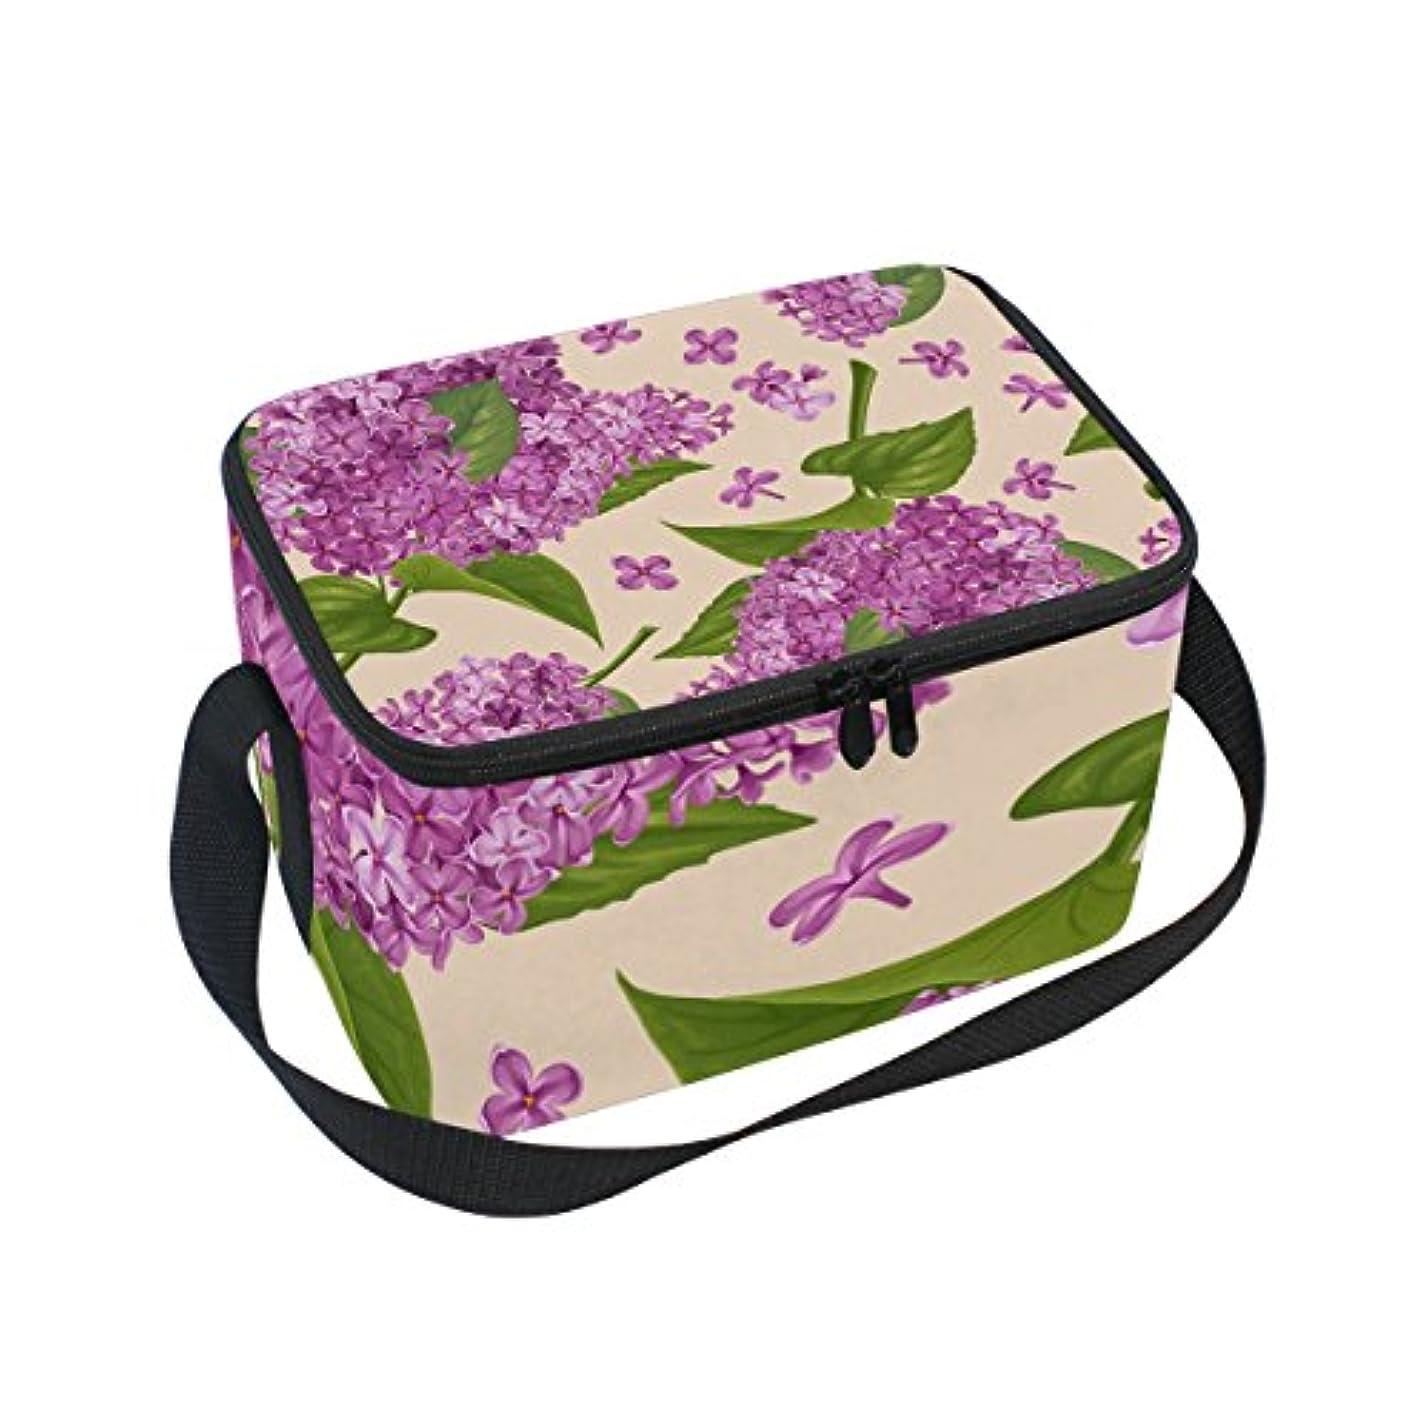 動揺させる小売応じるクーラーバッグ クーラーボックス ソフトクーラ 冷蔵ボックス キャンプ用品 ライラック花柄 保冷保温 大容量 肩掛け お花見 アウトドア